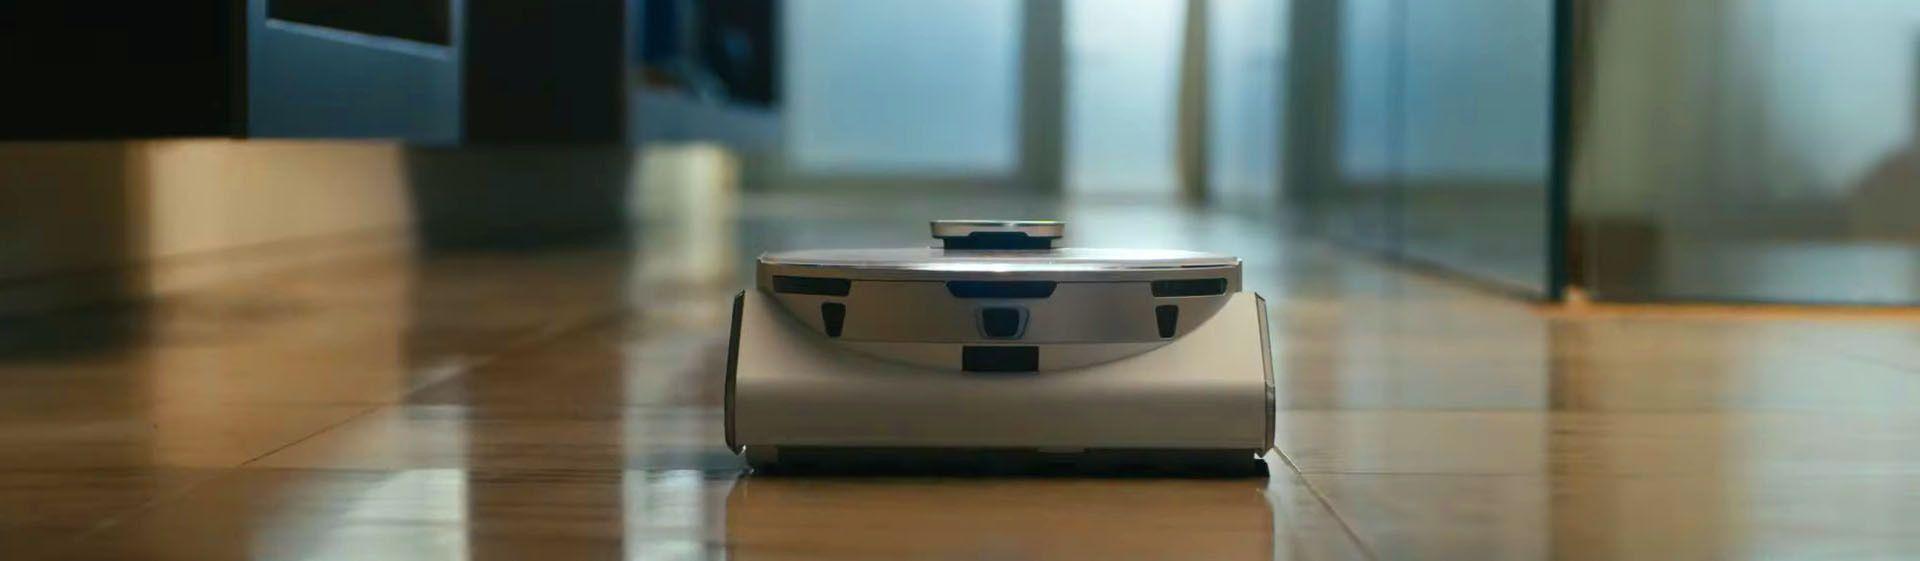 Samsung e LG apostam em aspiradores de pó inteligentes na CES 2021